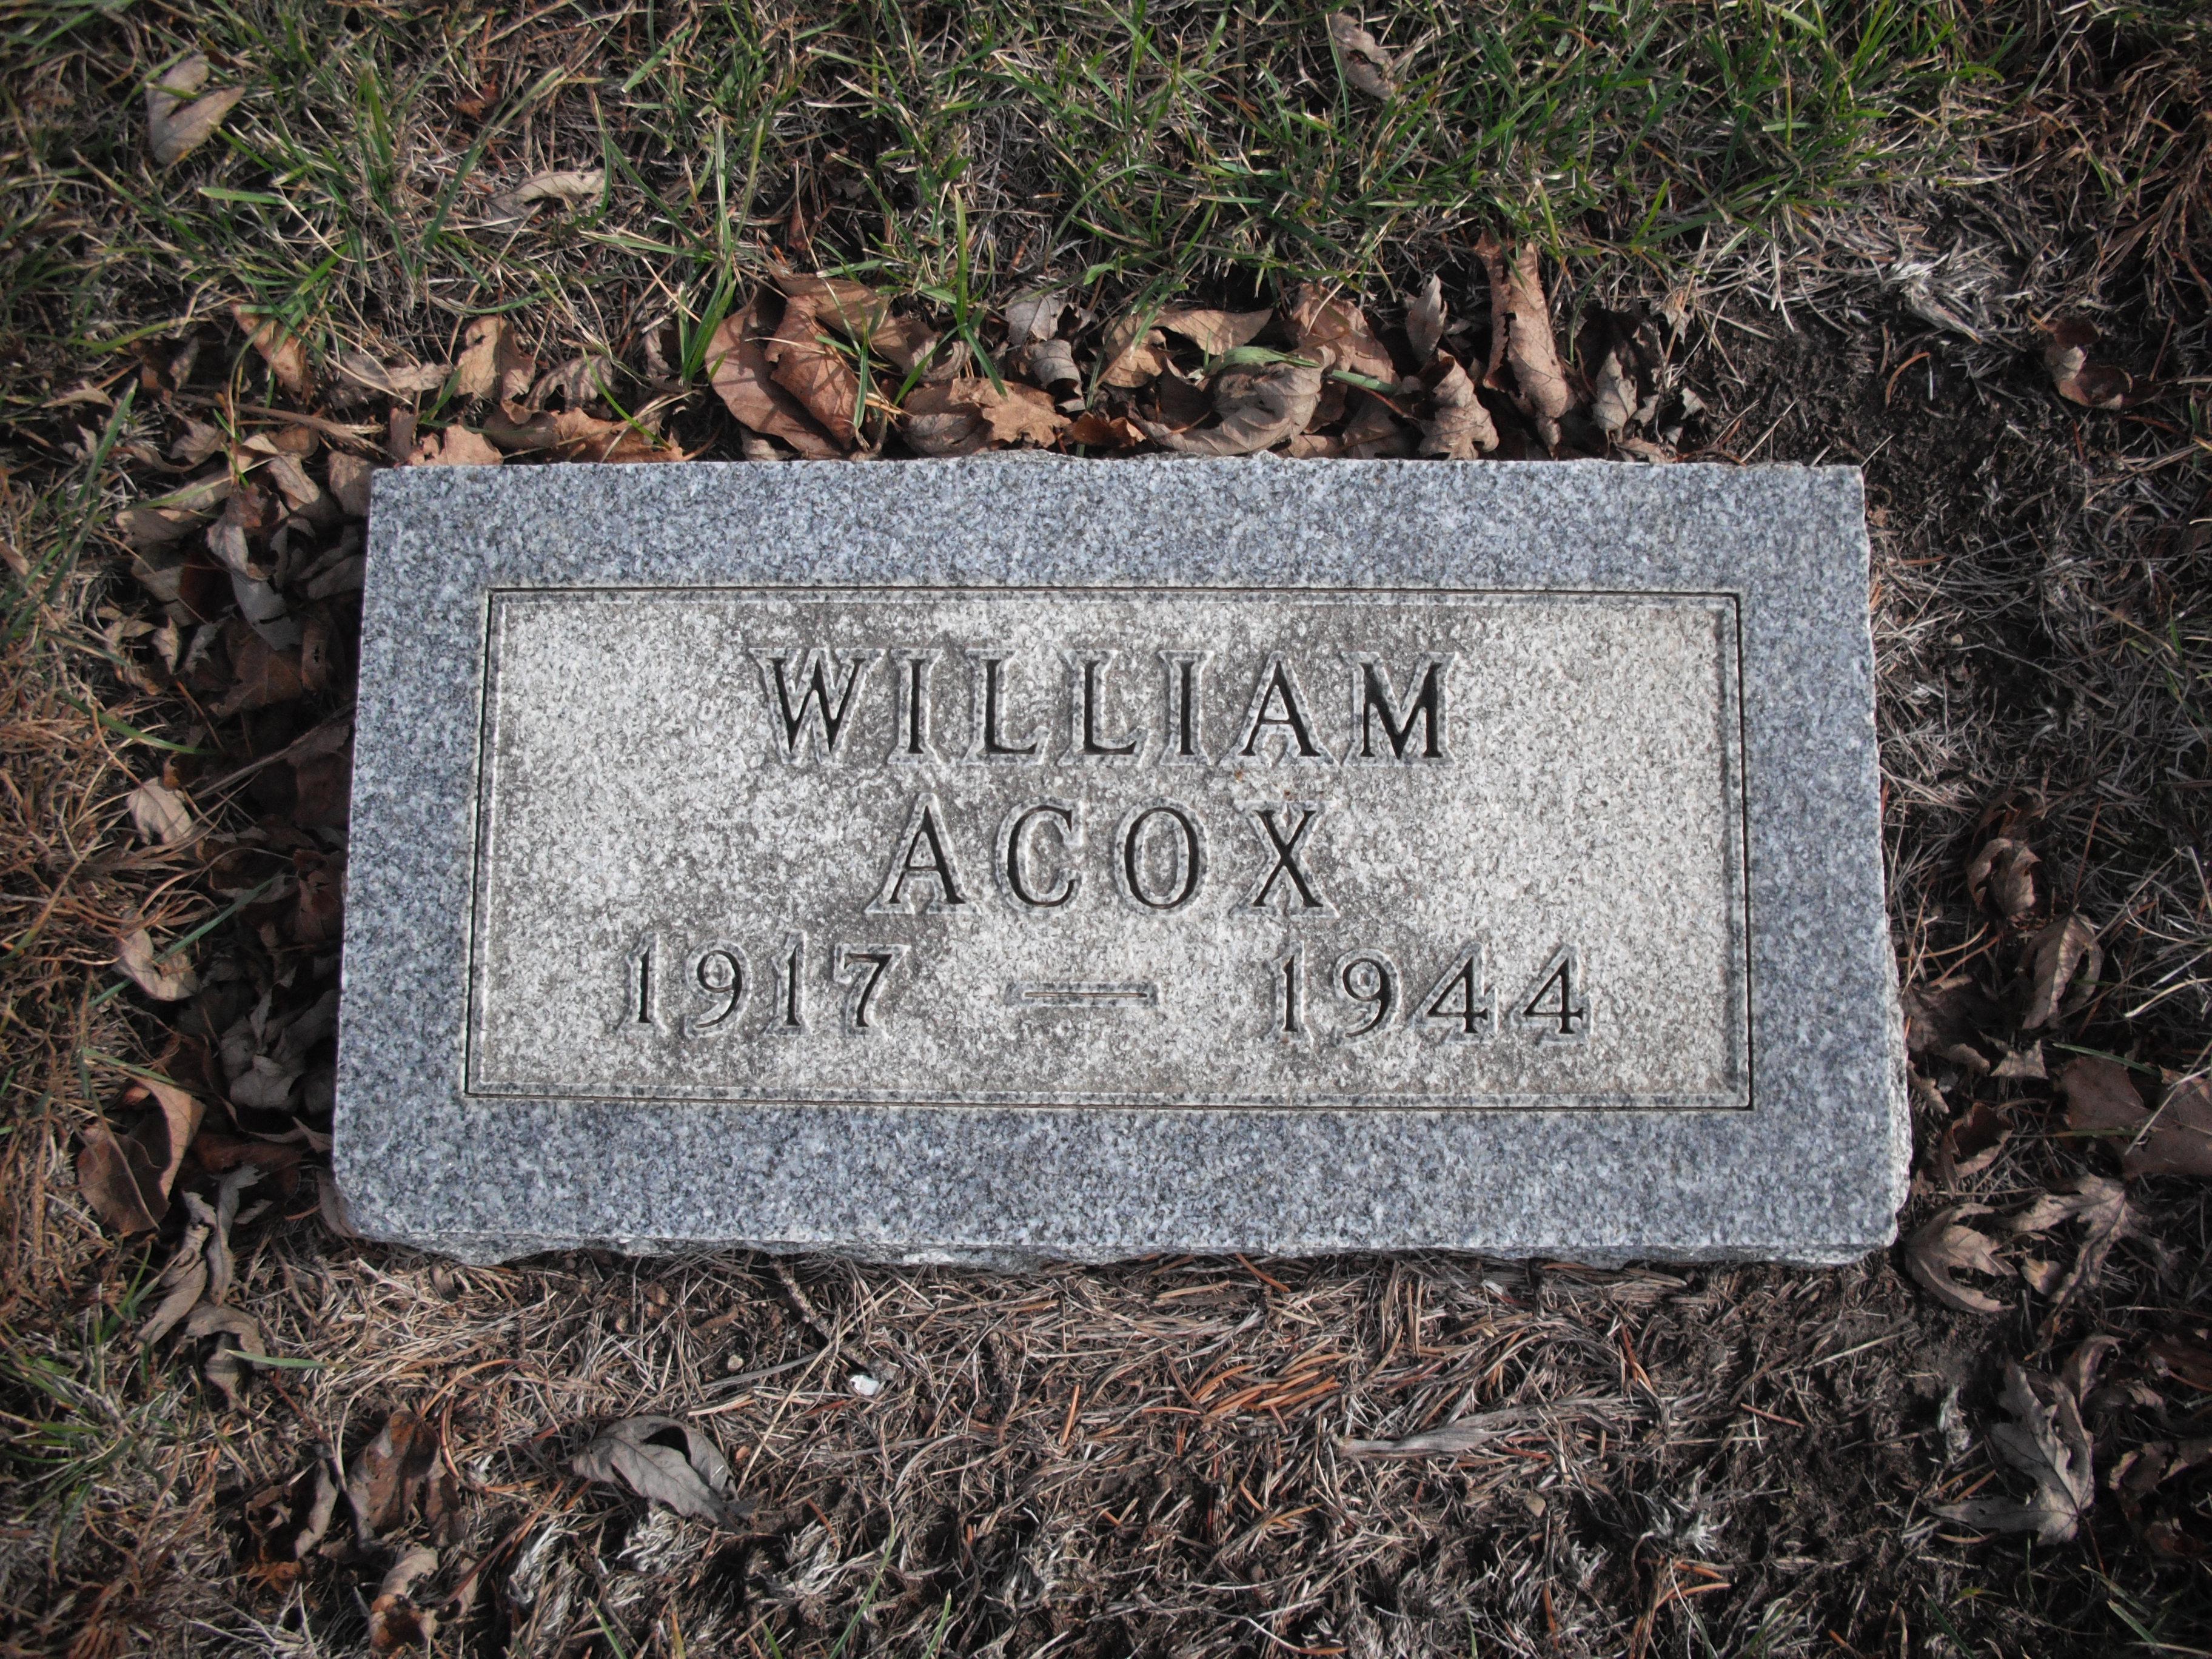 William Benjamin Acox